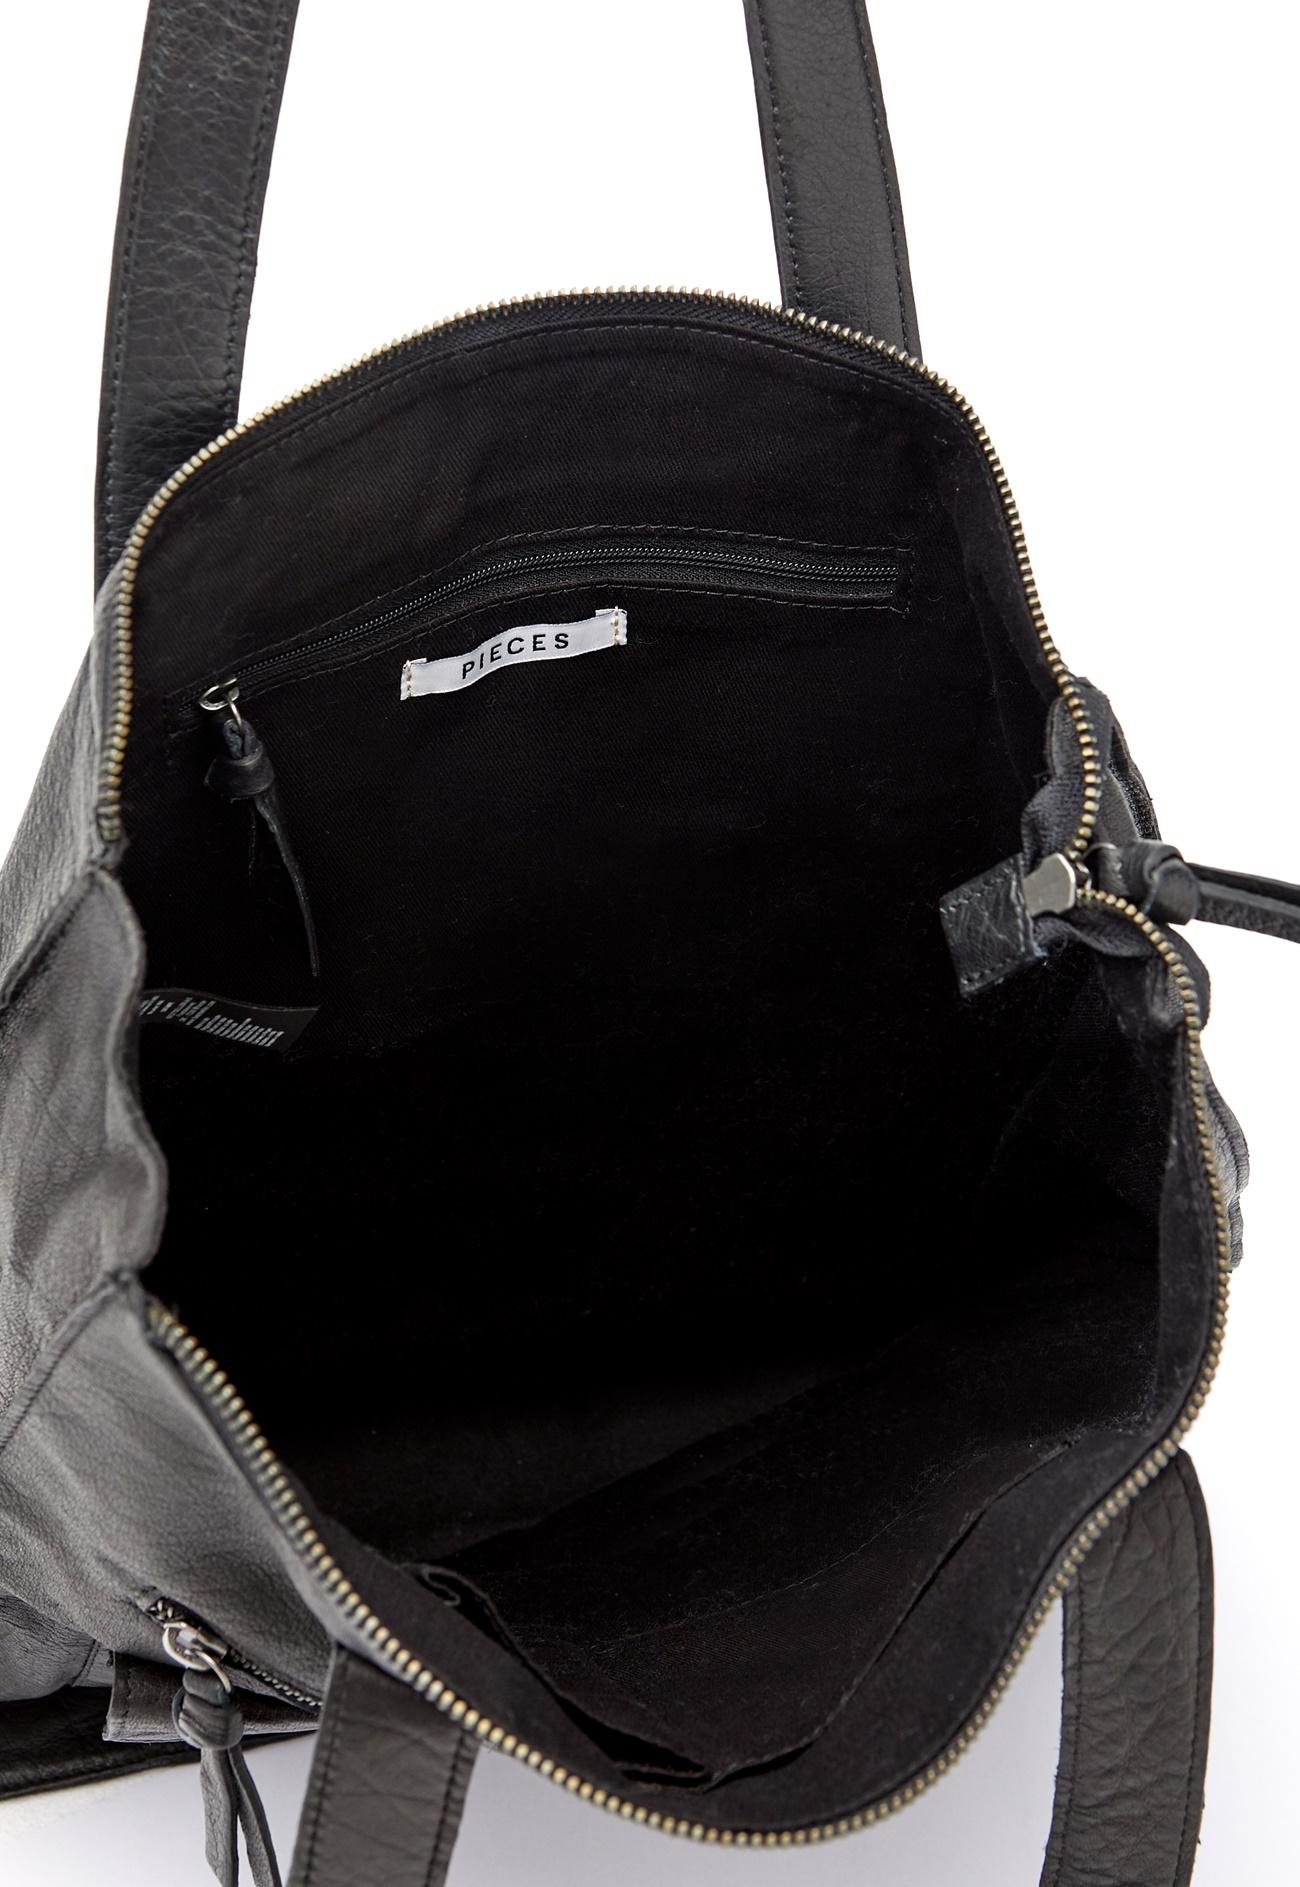 Pieces Laukut Netistä : Pieces abby leather per black bubbleroom